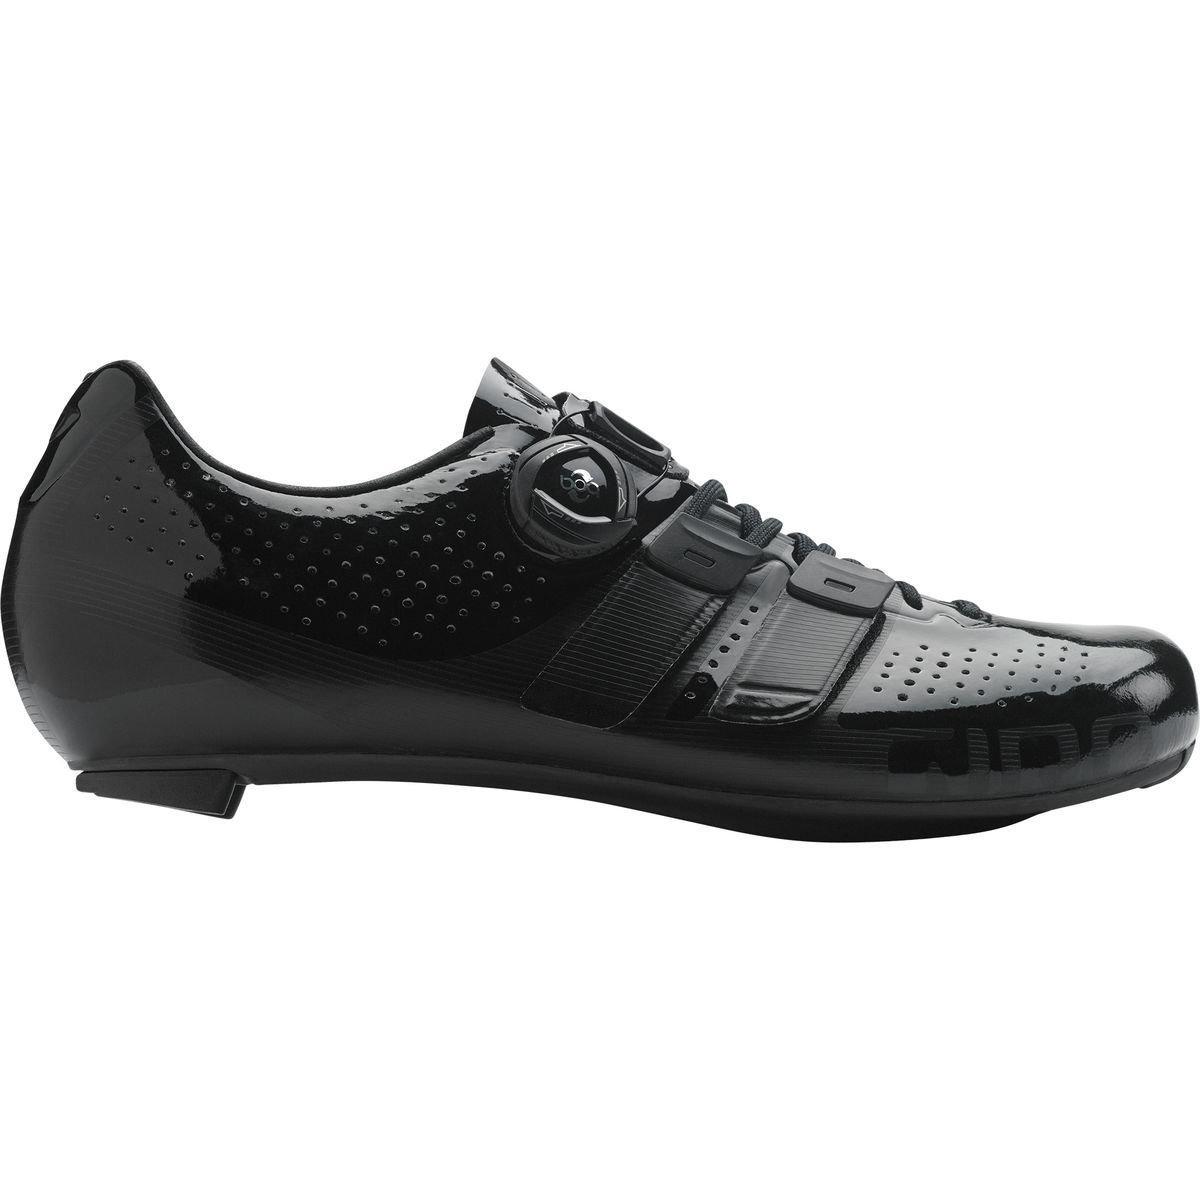 [ジロ Giro] メンズ スポーツ サイクリング Factor Techlace Shoe [並行輸入品] B07FN8L1KV 42